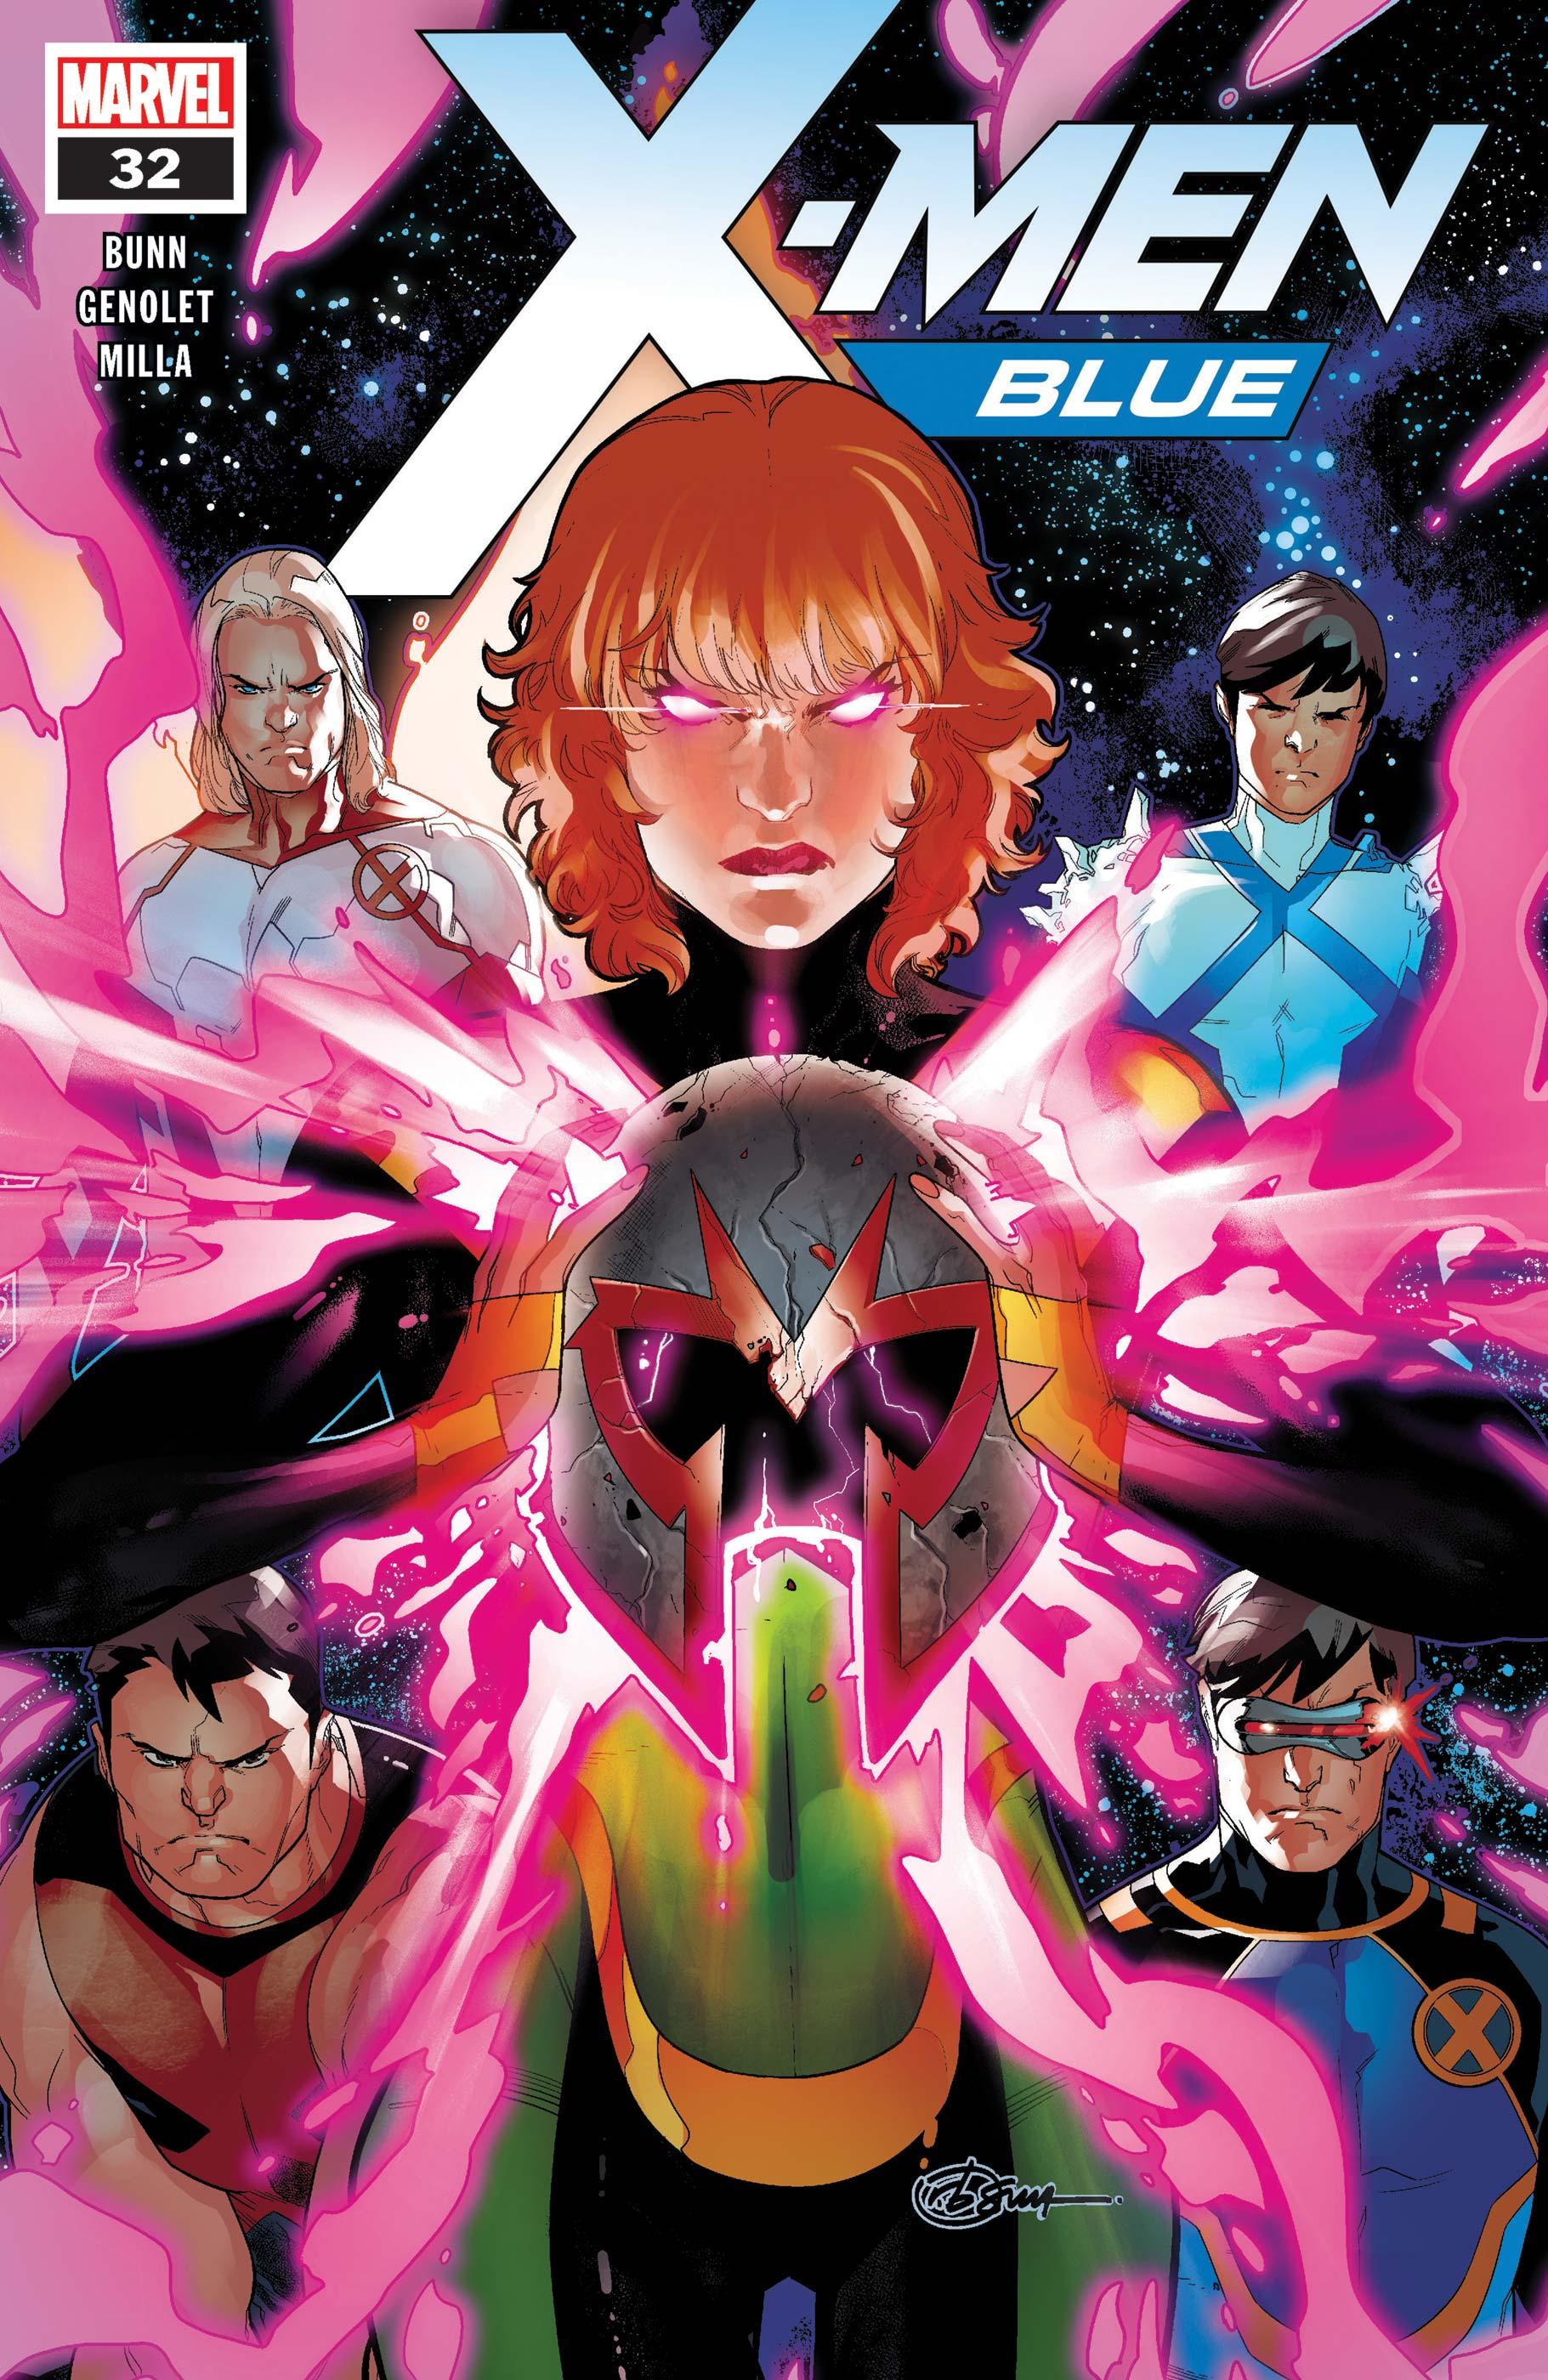 X-Men: Blue (2017) #32